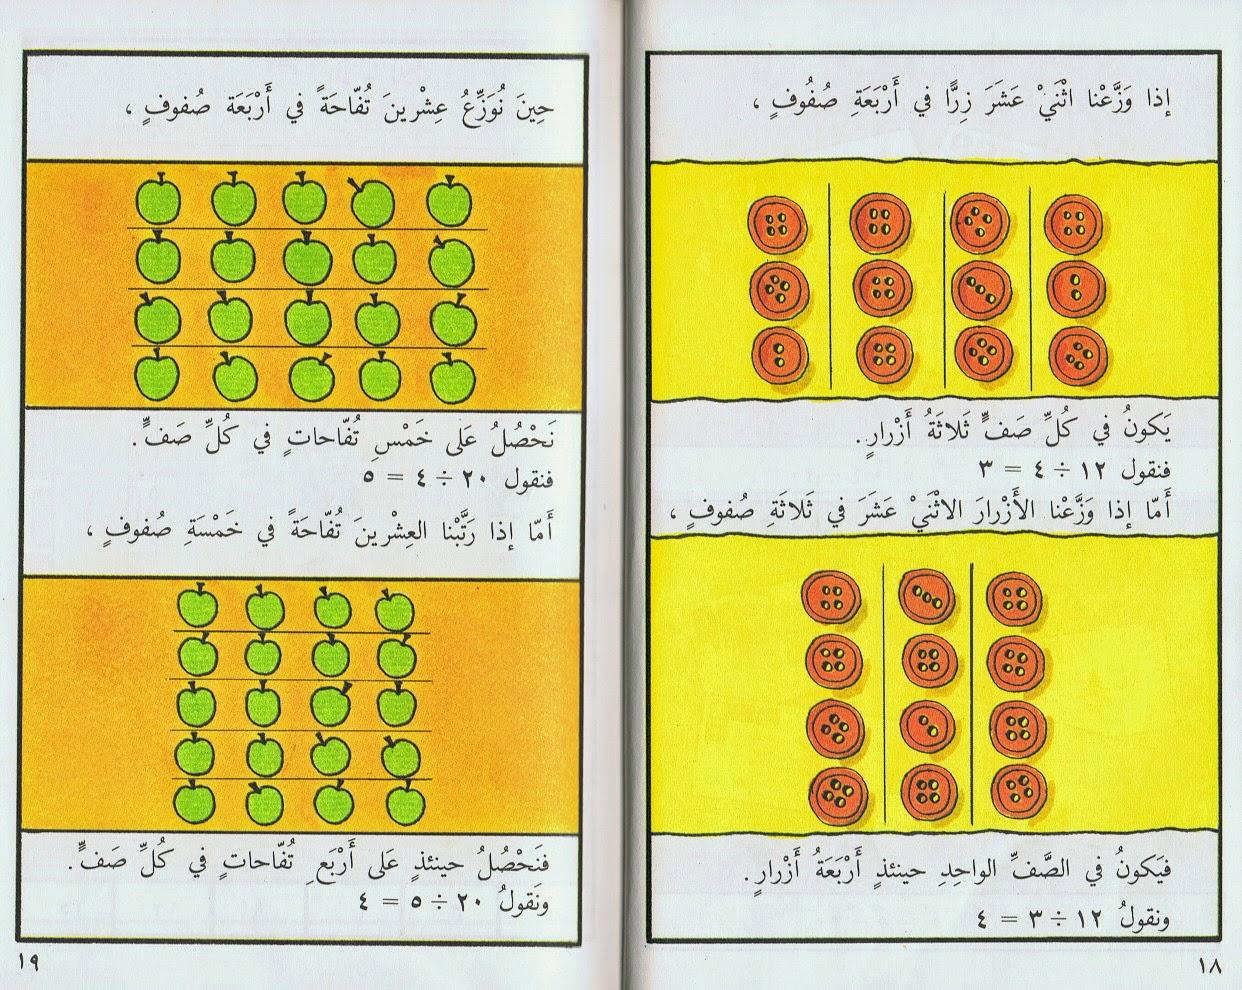 كتاب تعليم القسمة لأطفال الصف الثالث بالألوان الطبيعية 2015 CCI05062012_00039.jp